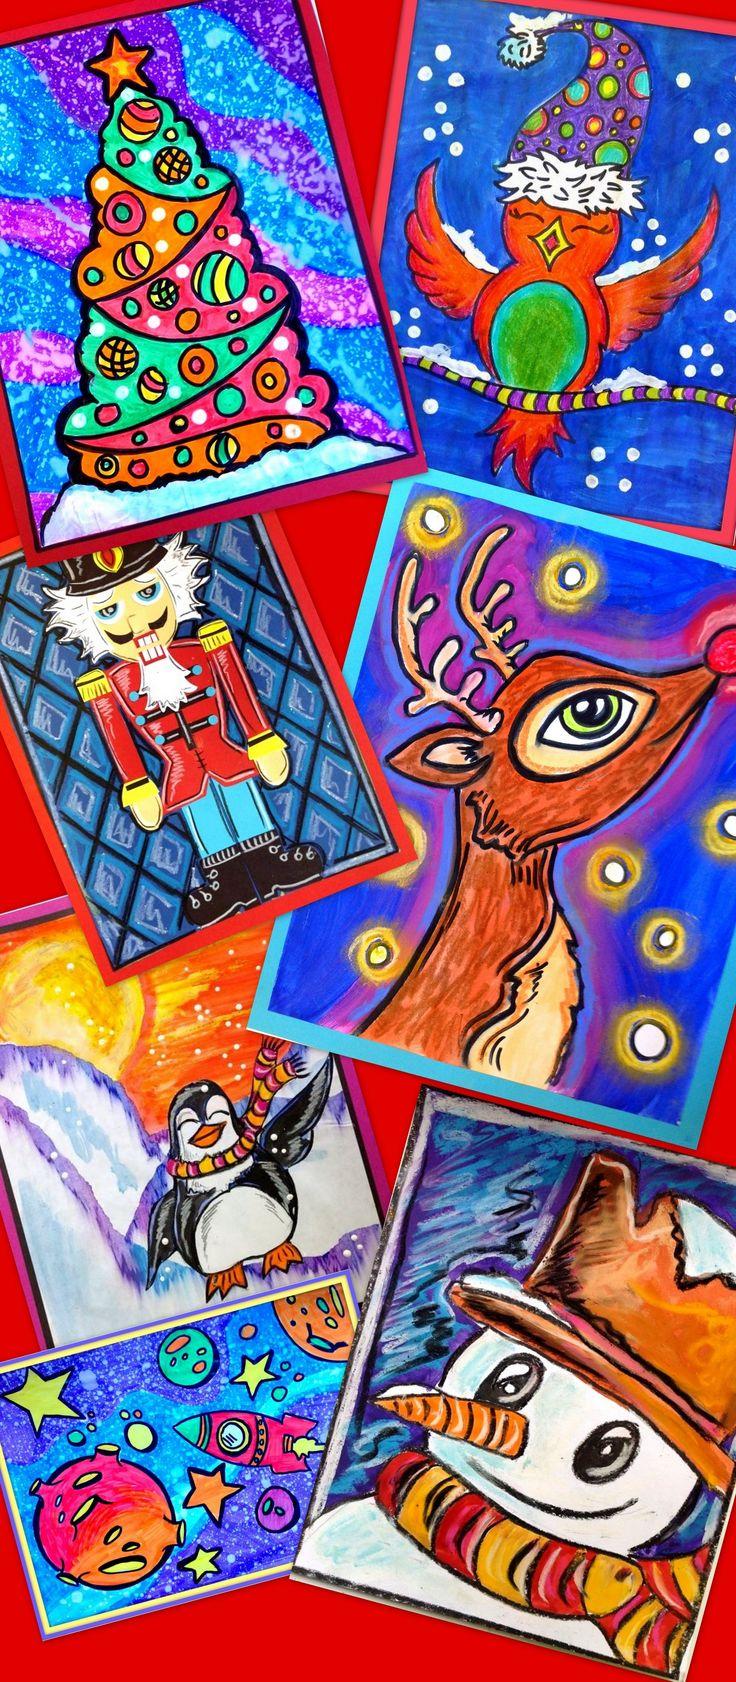 Voici quelques projets d'arts plastiques créés pour vous. Démarche complète avec photo et grille d'évaluation comprise. Le tout, sur mieuxenseigner.ca ! Pour éducation, arts plastiques, Noël et hiver.